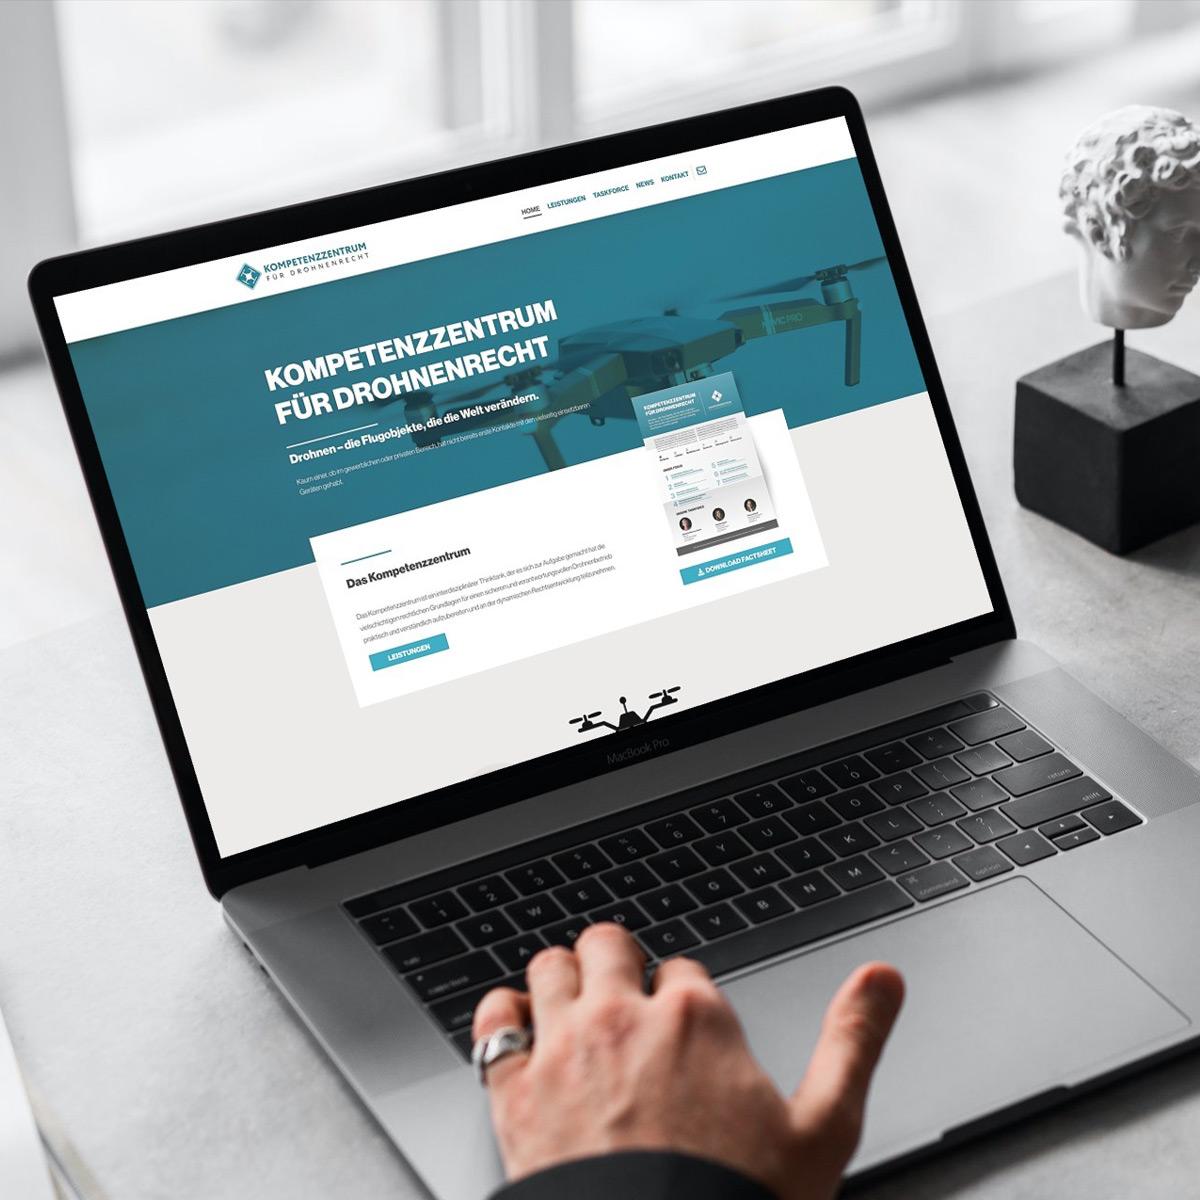 Launch Kompetenzzentrum für Drohnenrecht